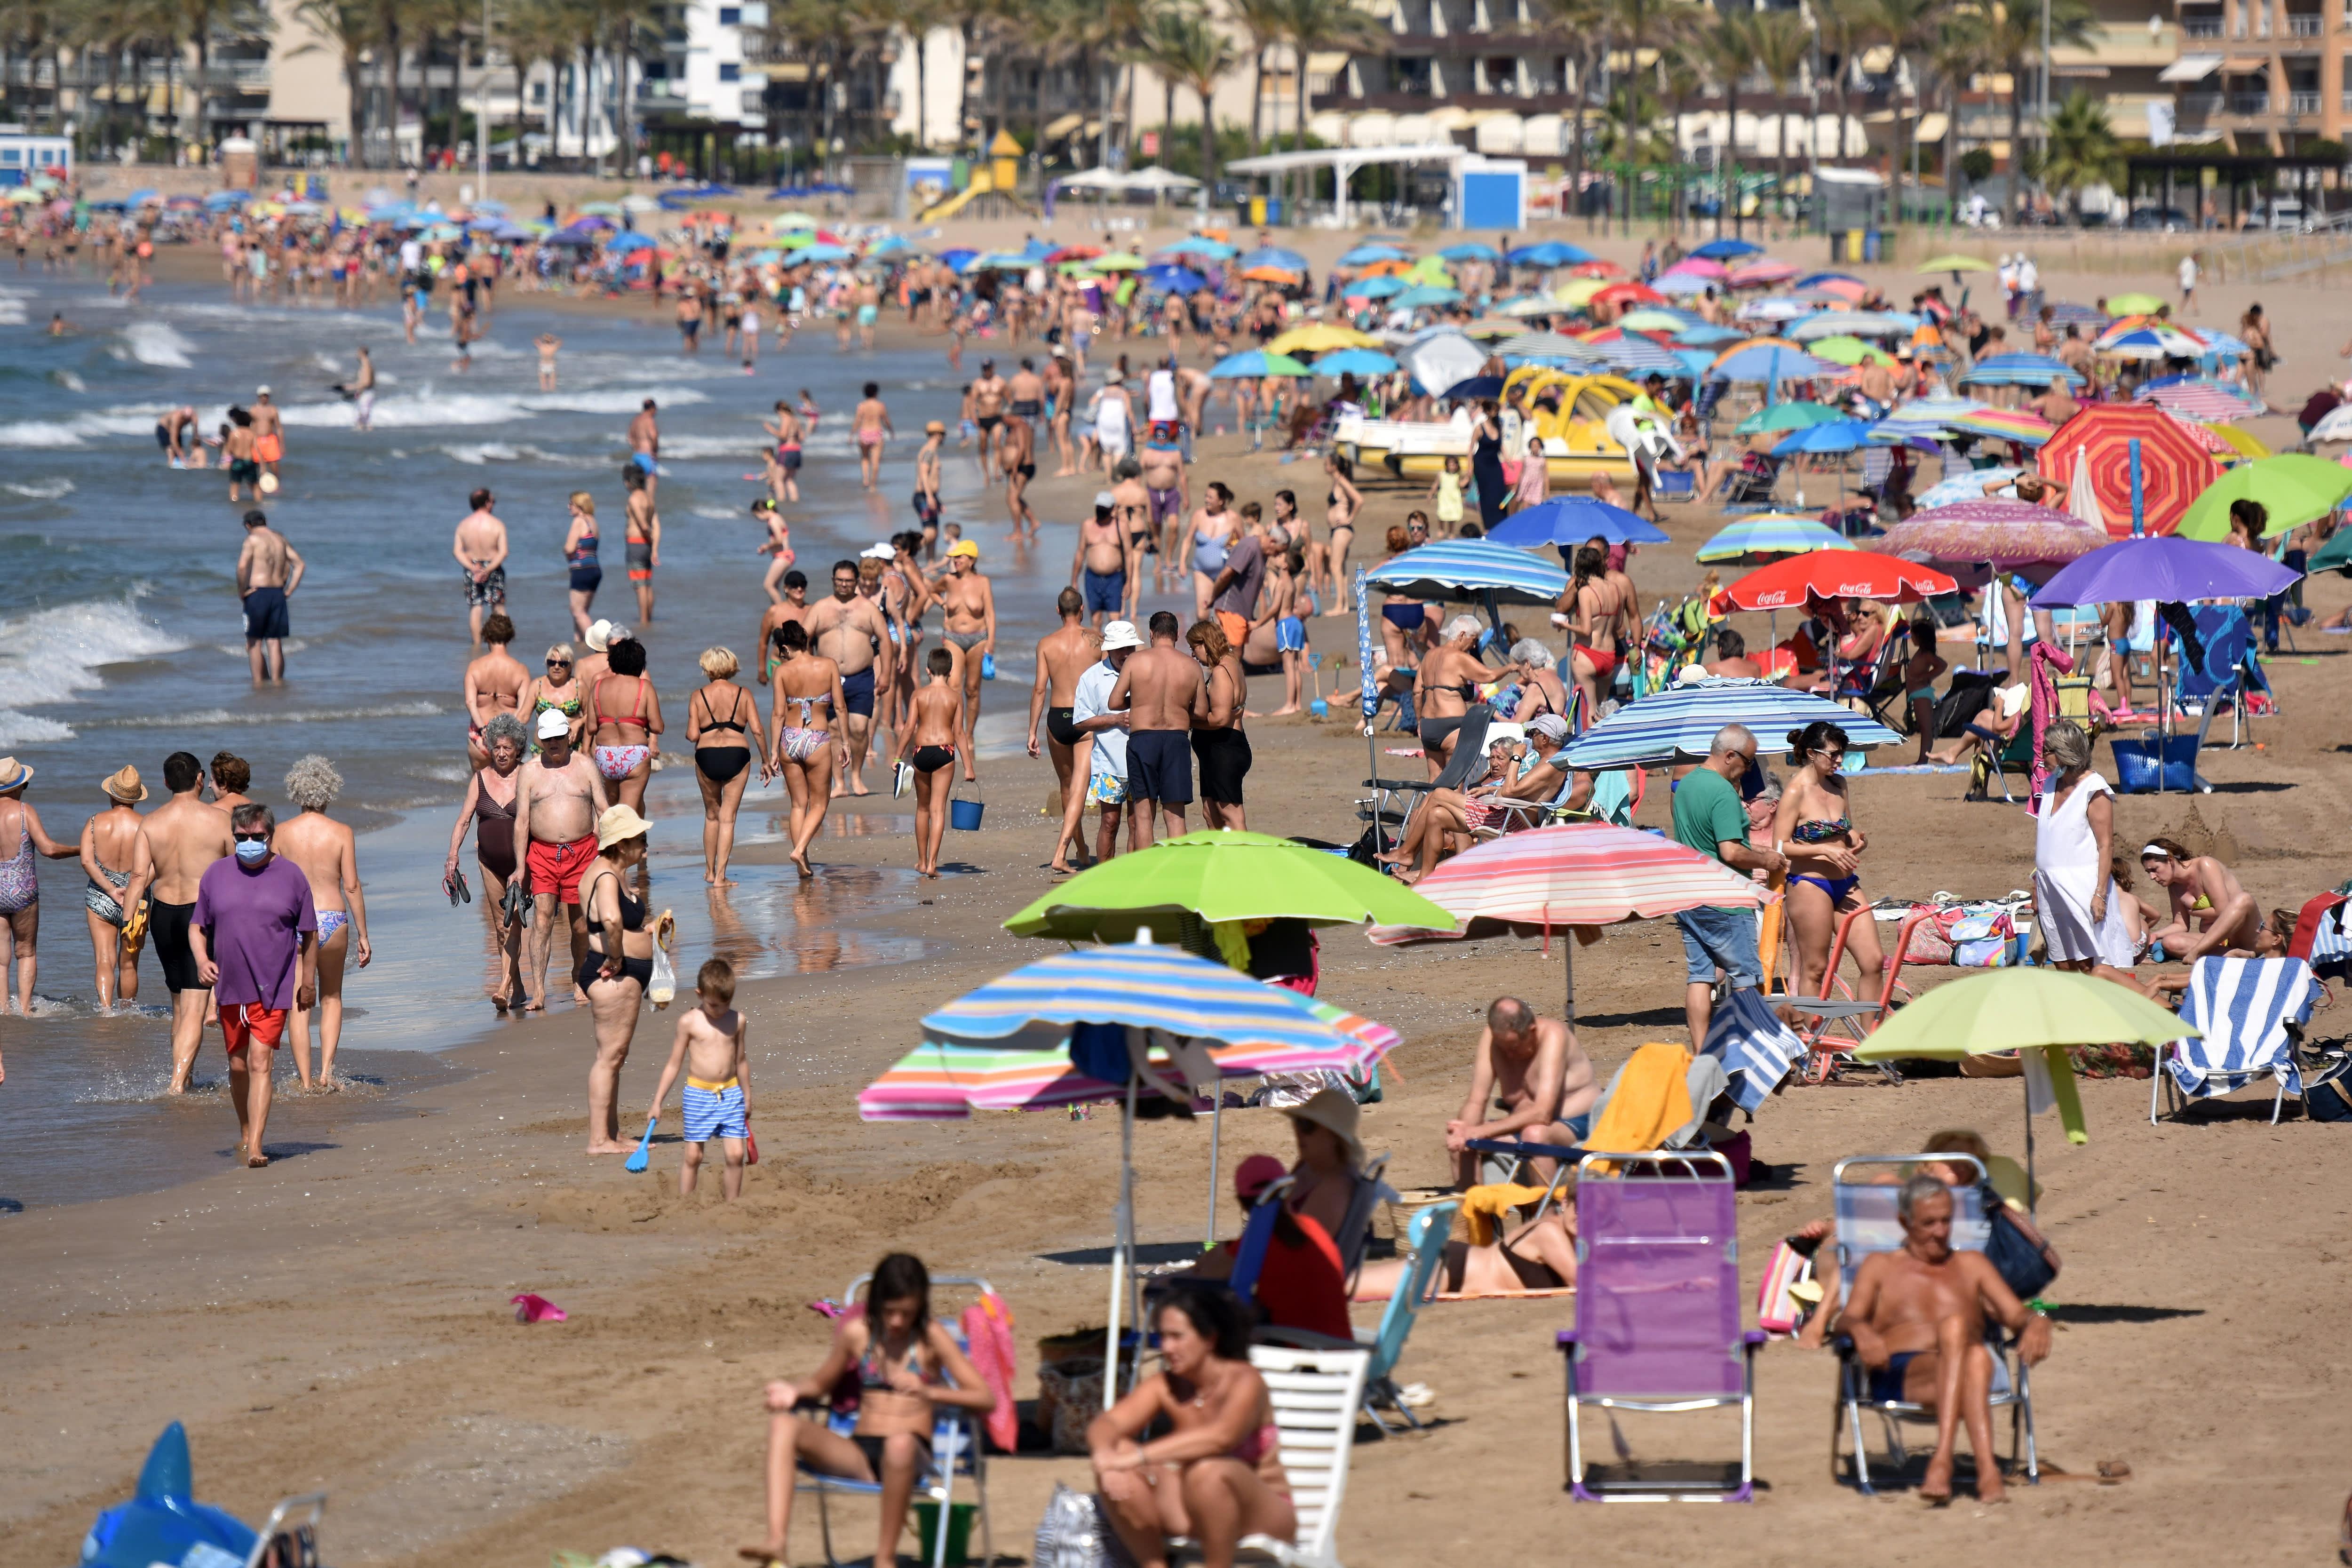 Mọi người tận hưởng ánh nắng mặt trời và thời tiết ấm áp tại Bãi biển Segur de Calafell ở Tây Ban Nha, nơi các ca bệnh beta đang tăng lên.